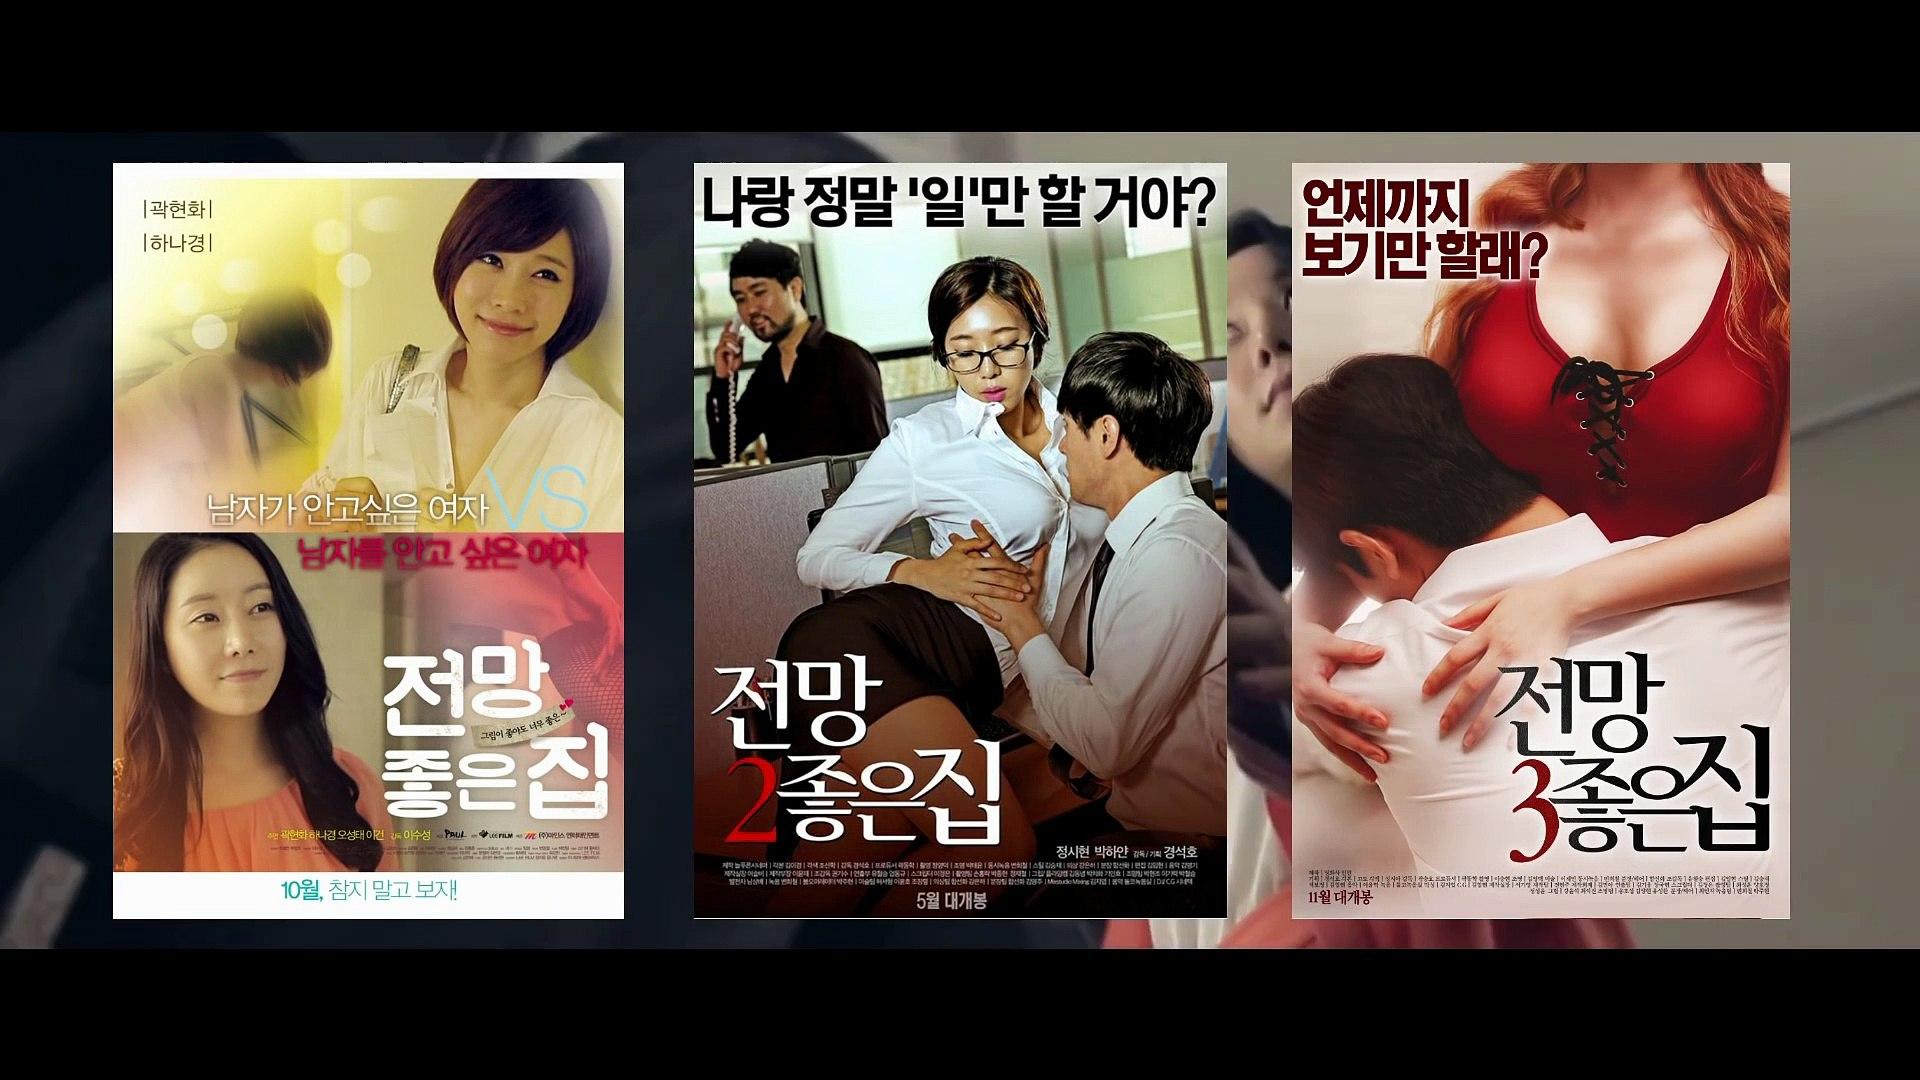 19금-영화/ - 맛있는 영화 Korea,2017